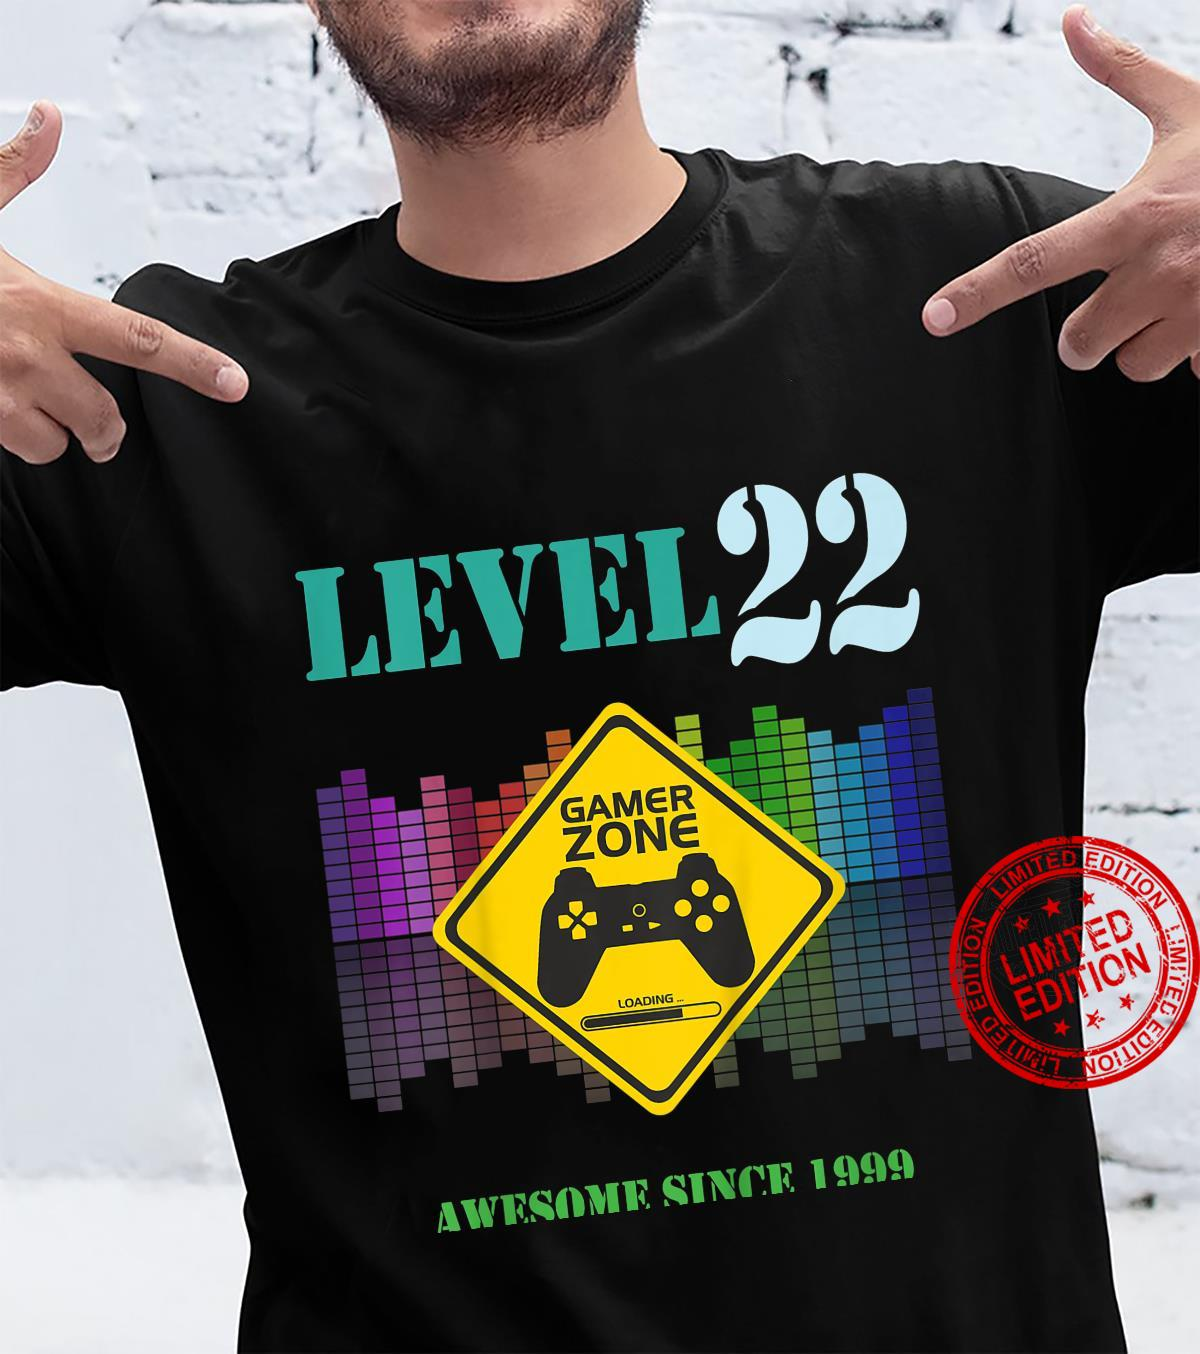 Kinder 22. GeburtstagsgeschenkSpieleliebhaber Gamer Zone Level 22 Shirt